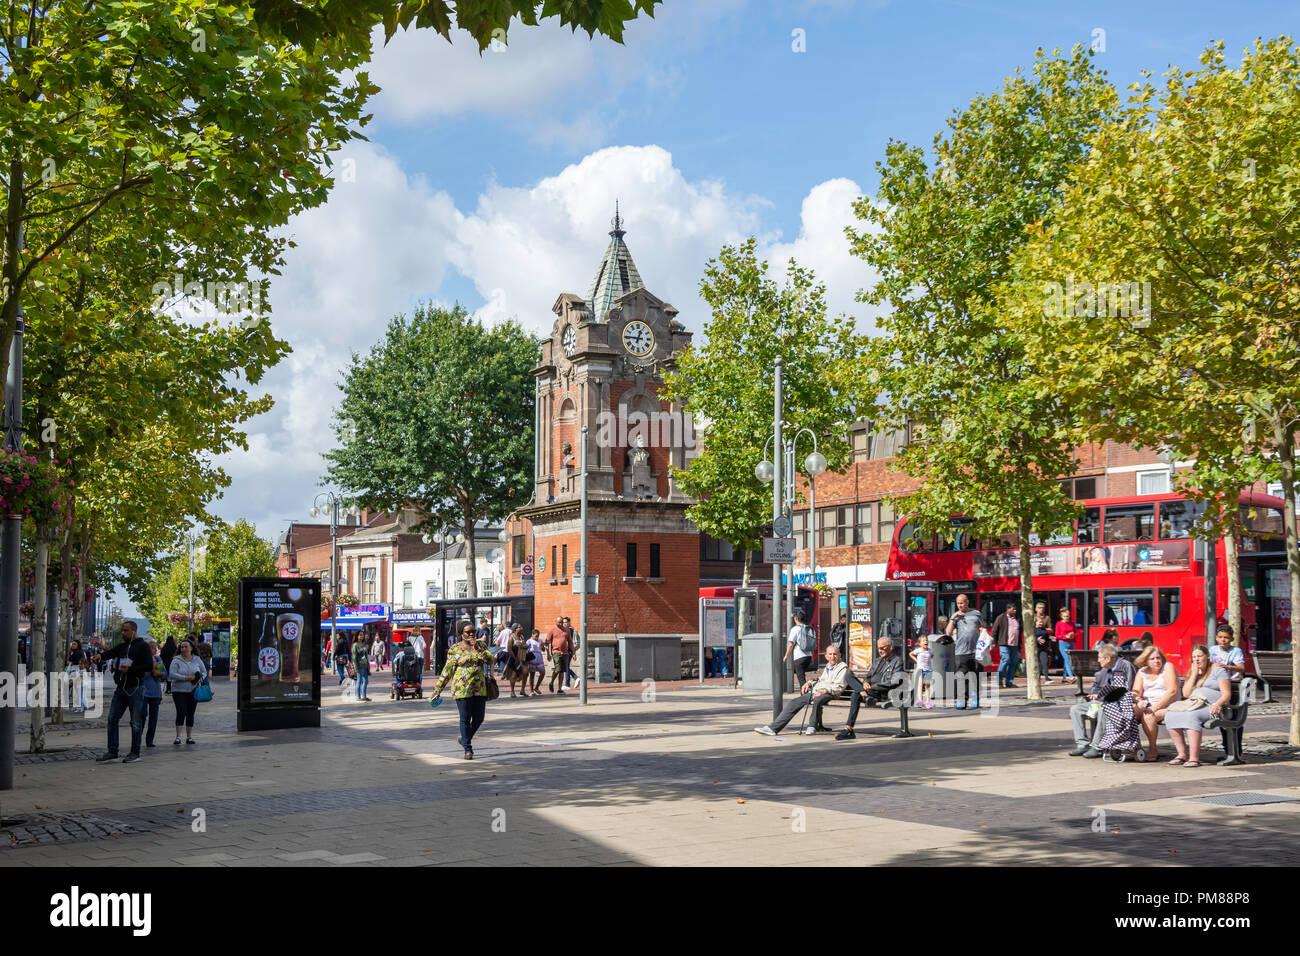 Bexleyheath Clock Tower, il Broadway, Bexleyheath, London Borough of Bexley, Greater London, England, Regno Unito Immagini Stock